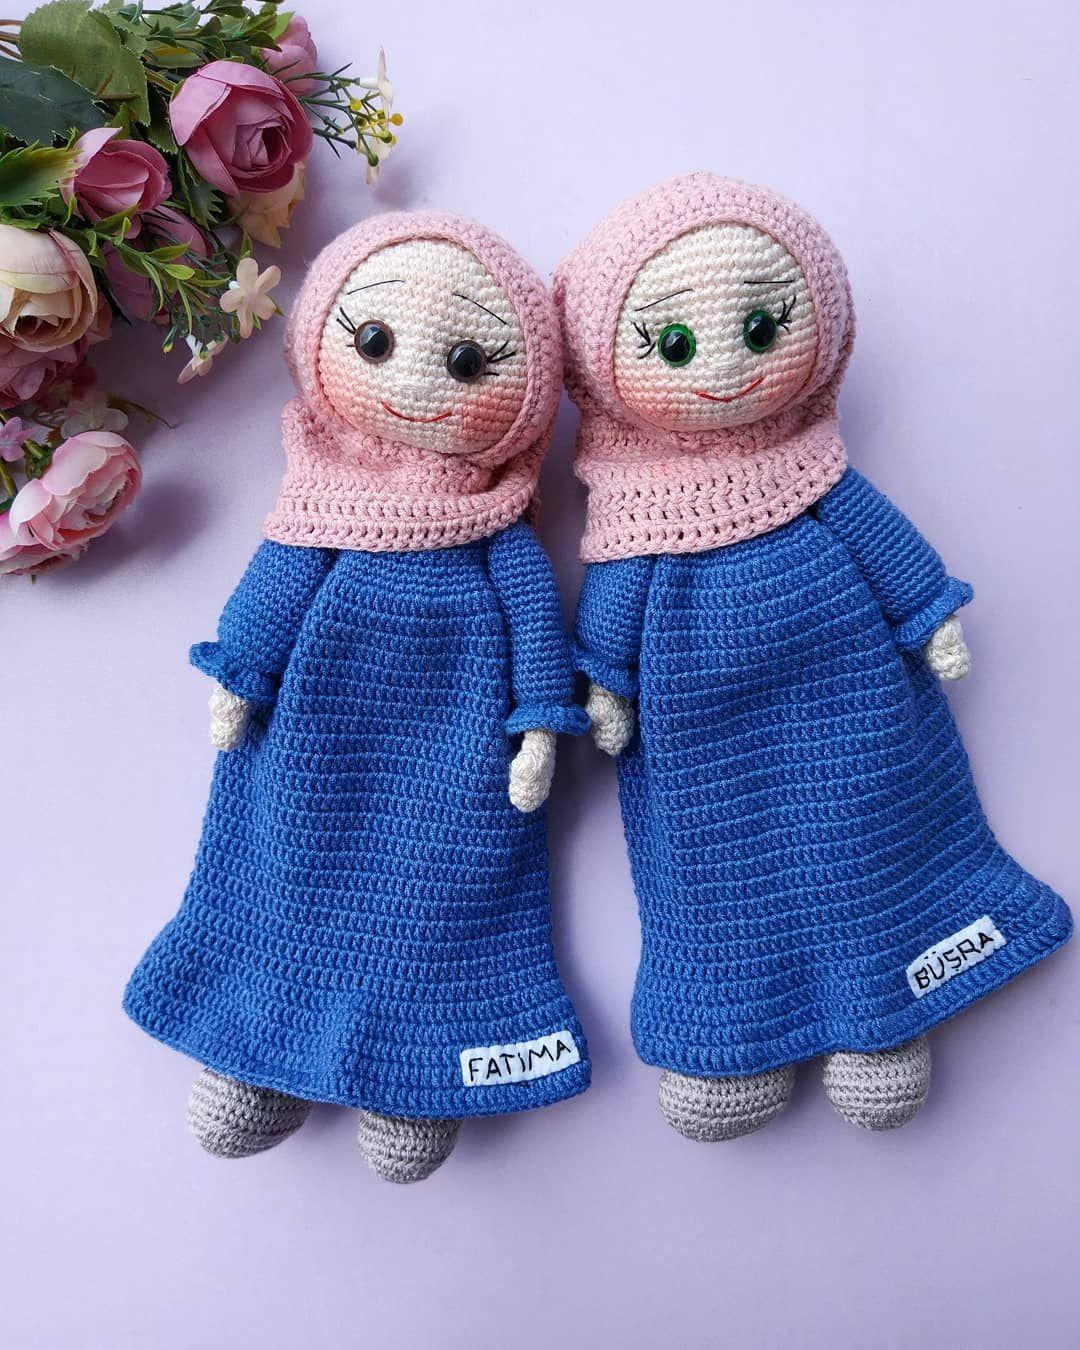 Artesanatos: Faça e Venda: Como colocar cabelo em boneca amigurumi? | 1350x1080